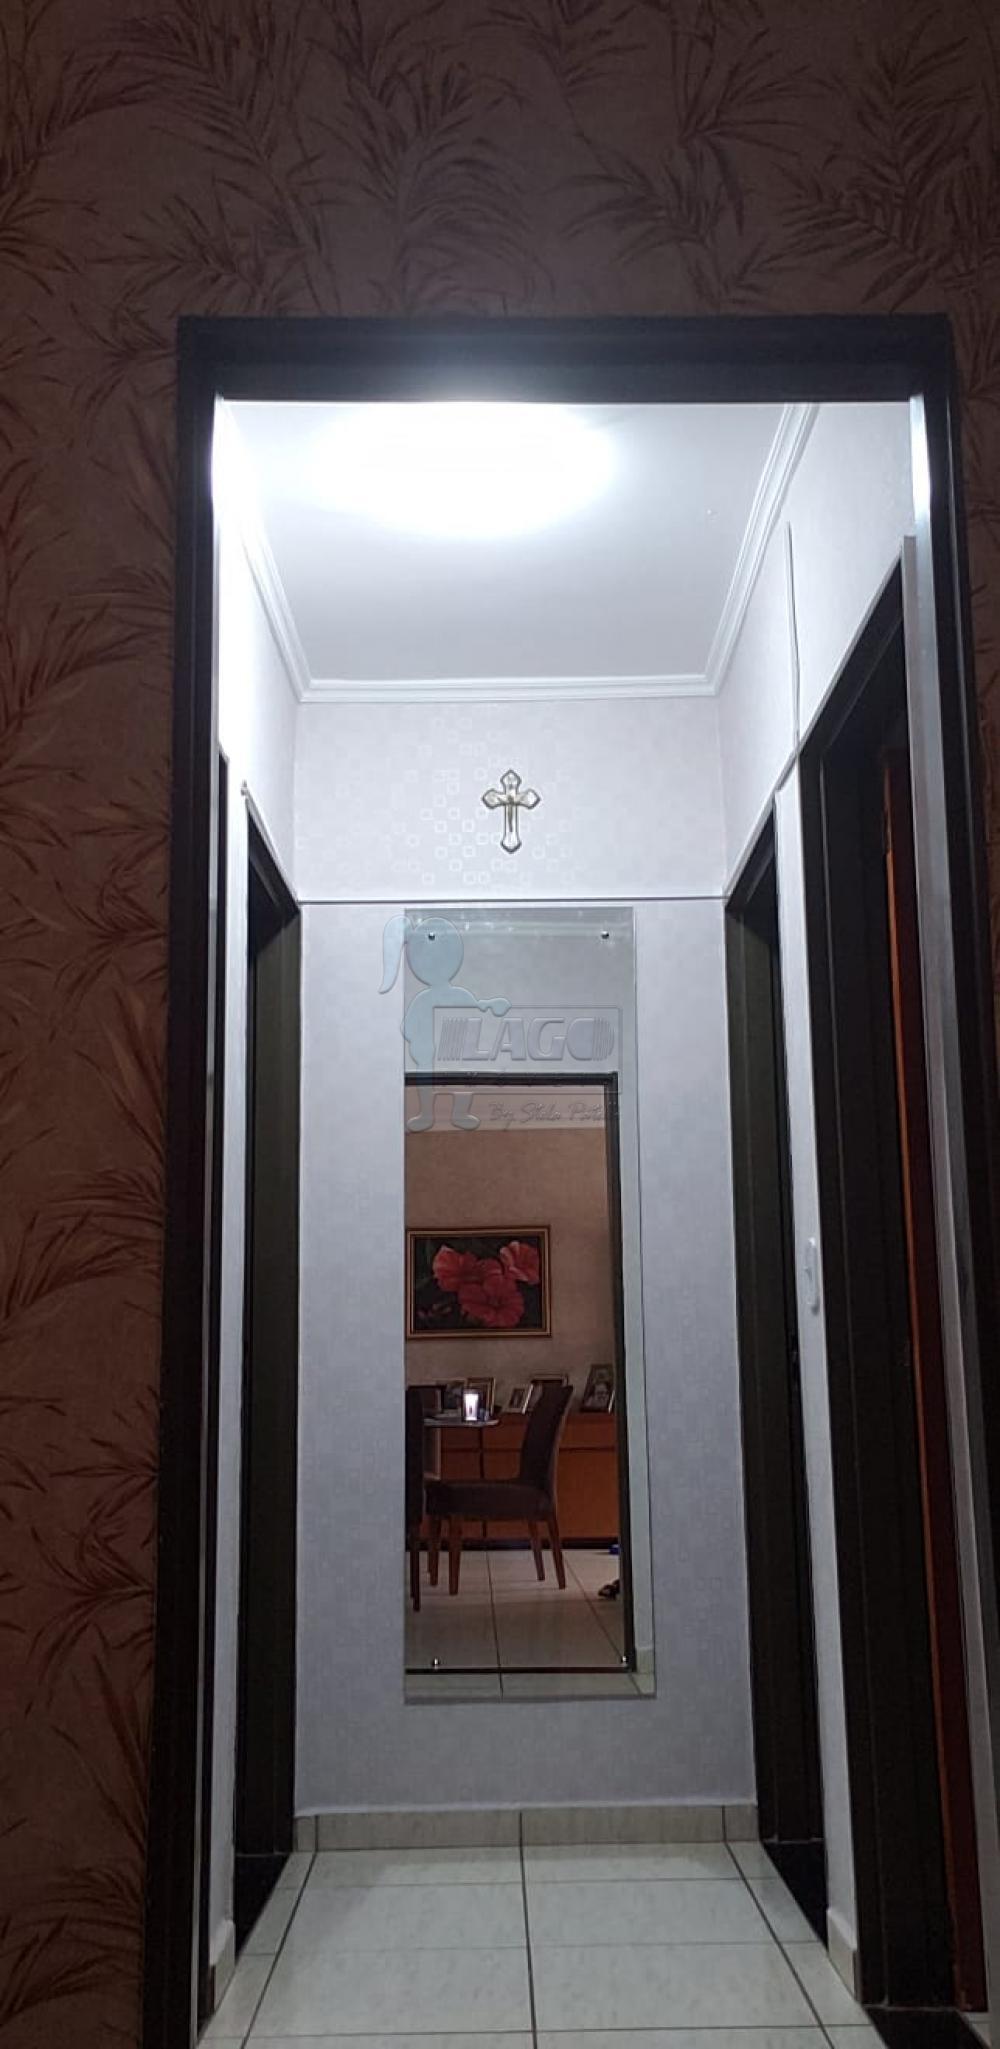 Comprar Apartamento / Padrão em Ribeirão Preto R$ 360.000,00 - Foto 13